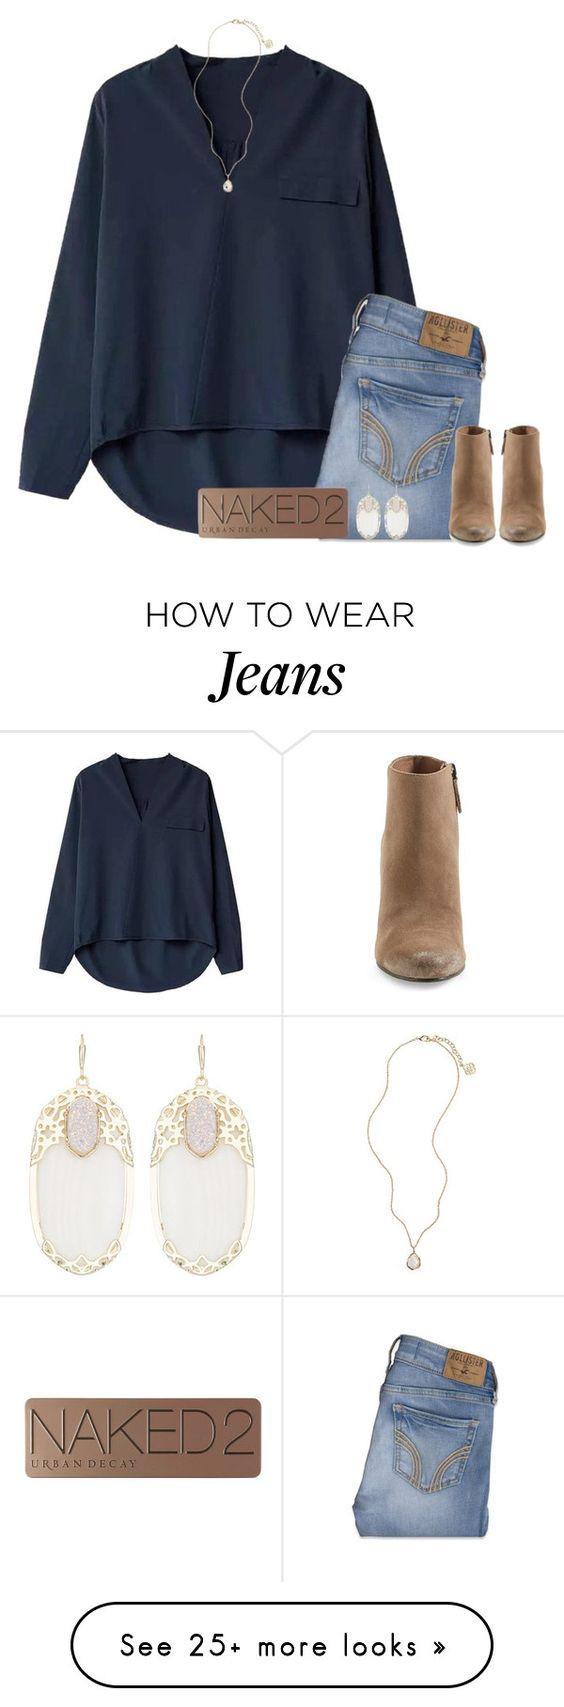 Outfit camisa azul marino, vaqueros claros y botines